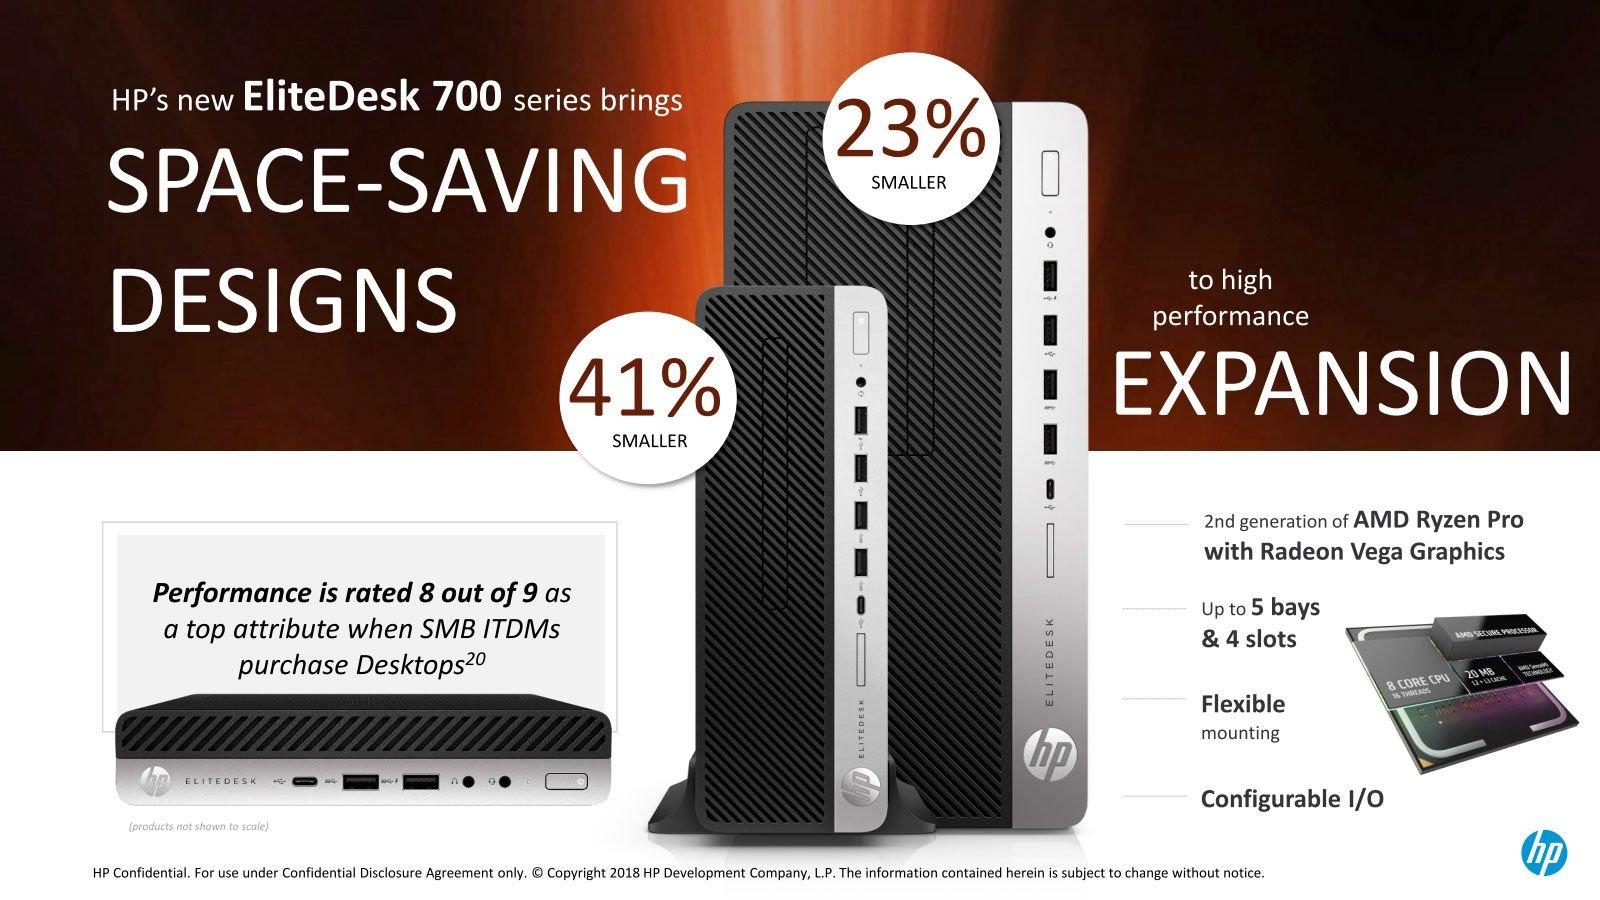 HP EliteDesk 700